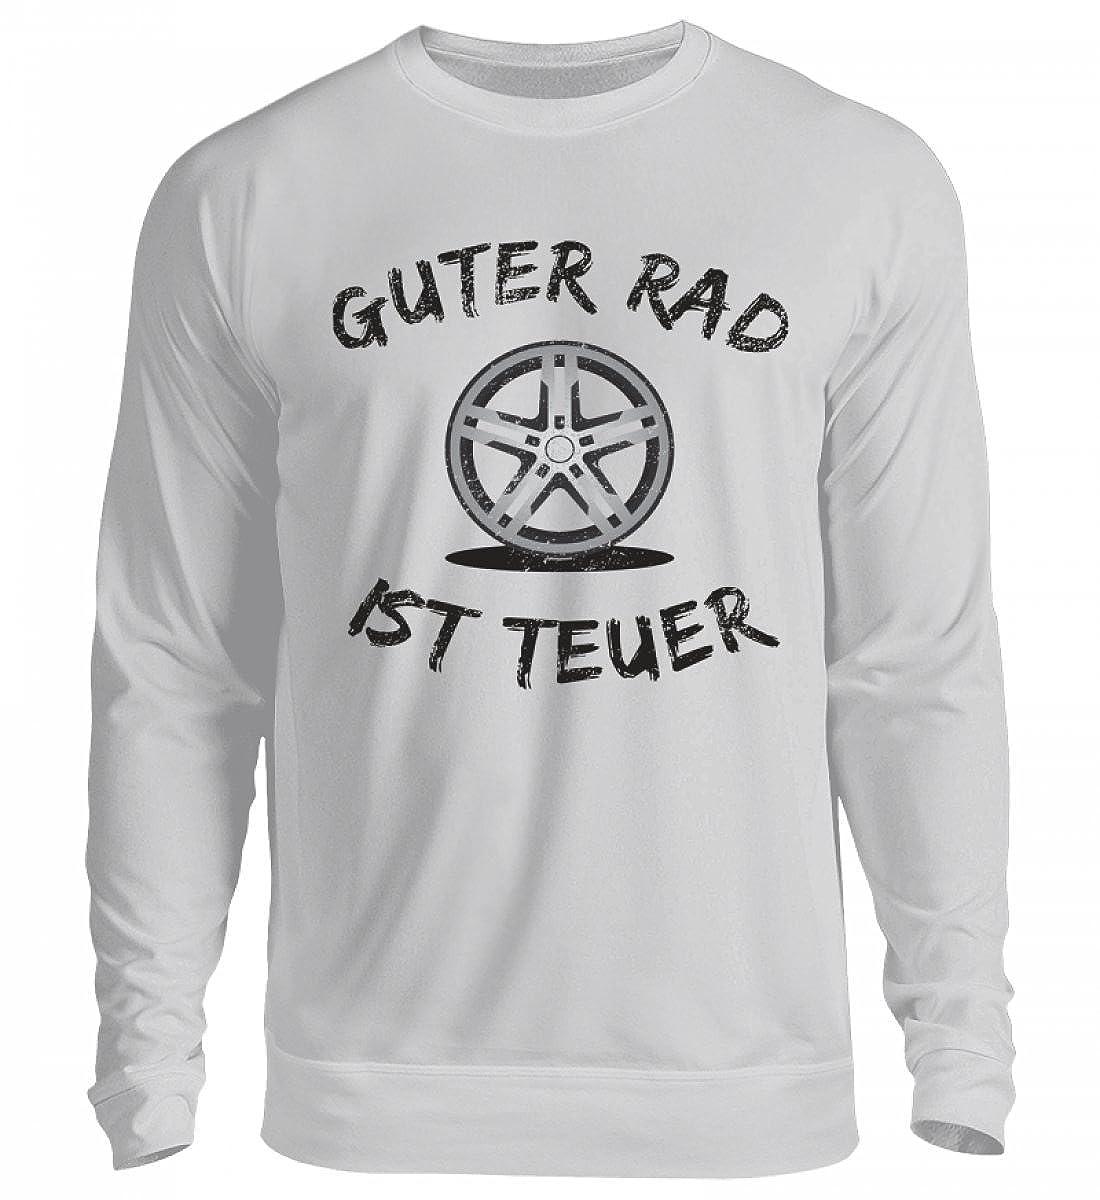 5be85847a92d Hochwertiger Unisex Pullover - Guter Rad Ist Teuer T-Shirt Fahrzeug Tuning  Motorsport Kfz Chromfelge Auto Tuner Geschenk  Amazon.de  Bekleidung